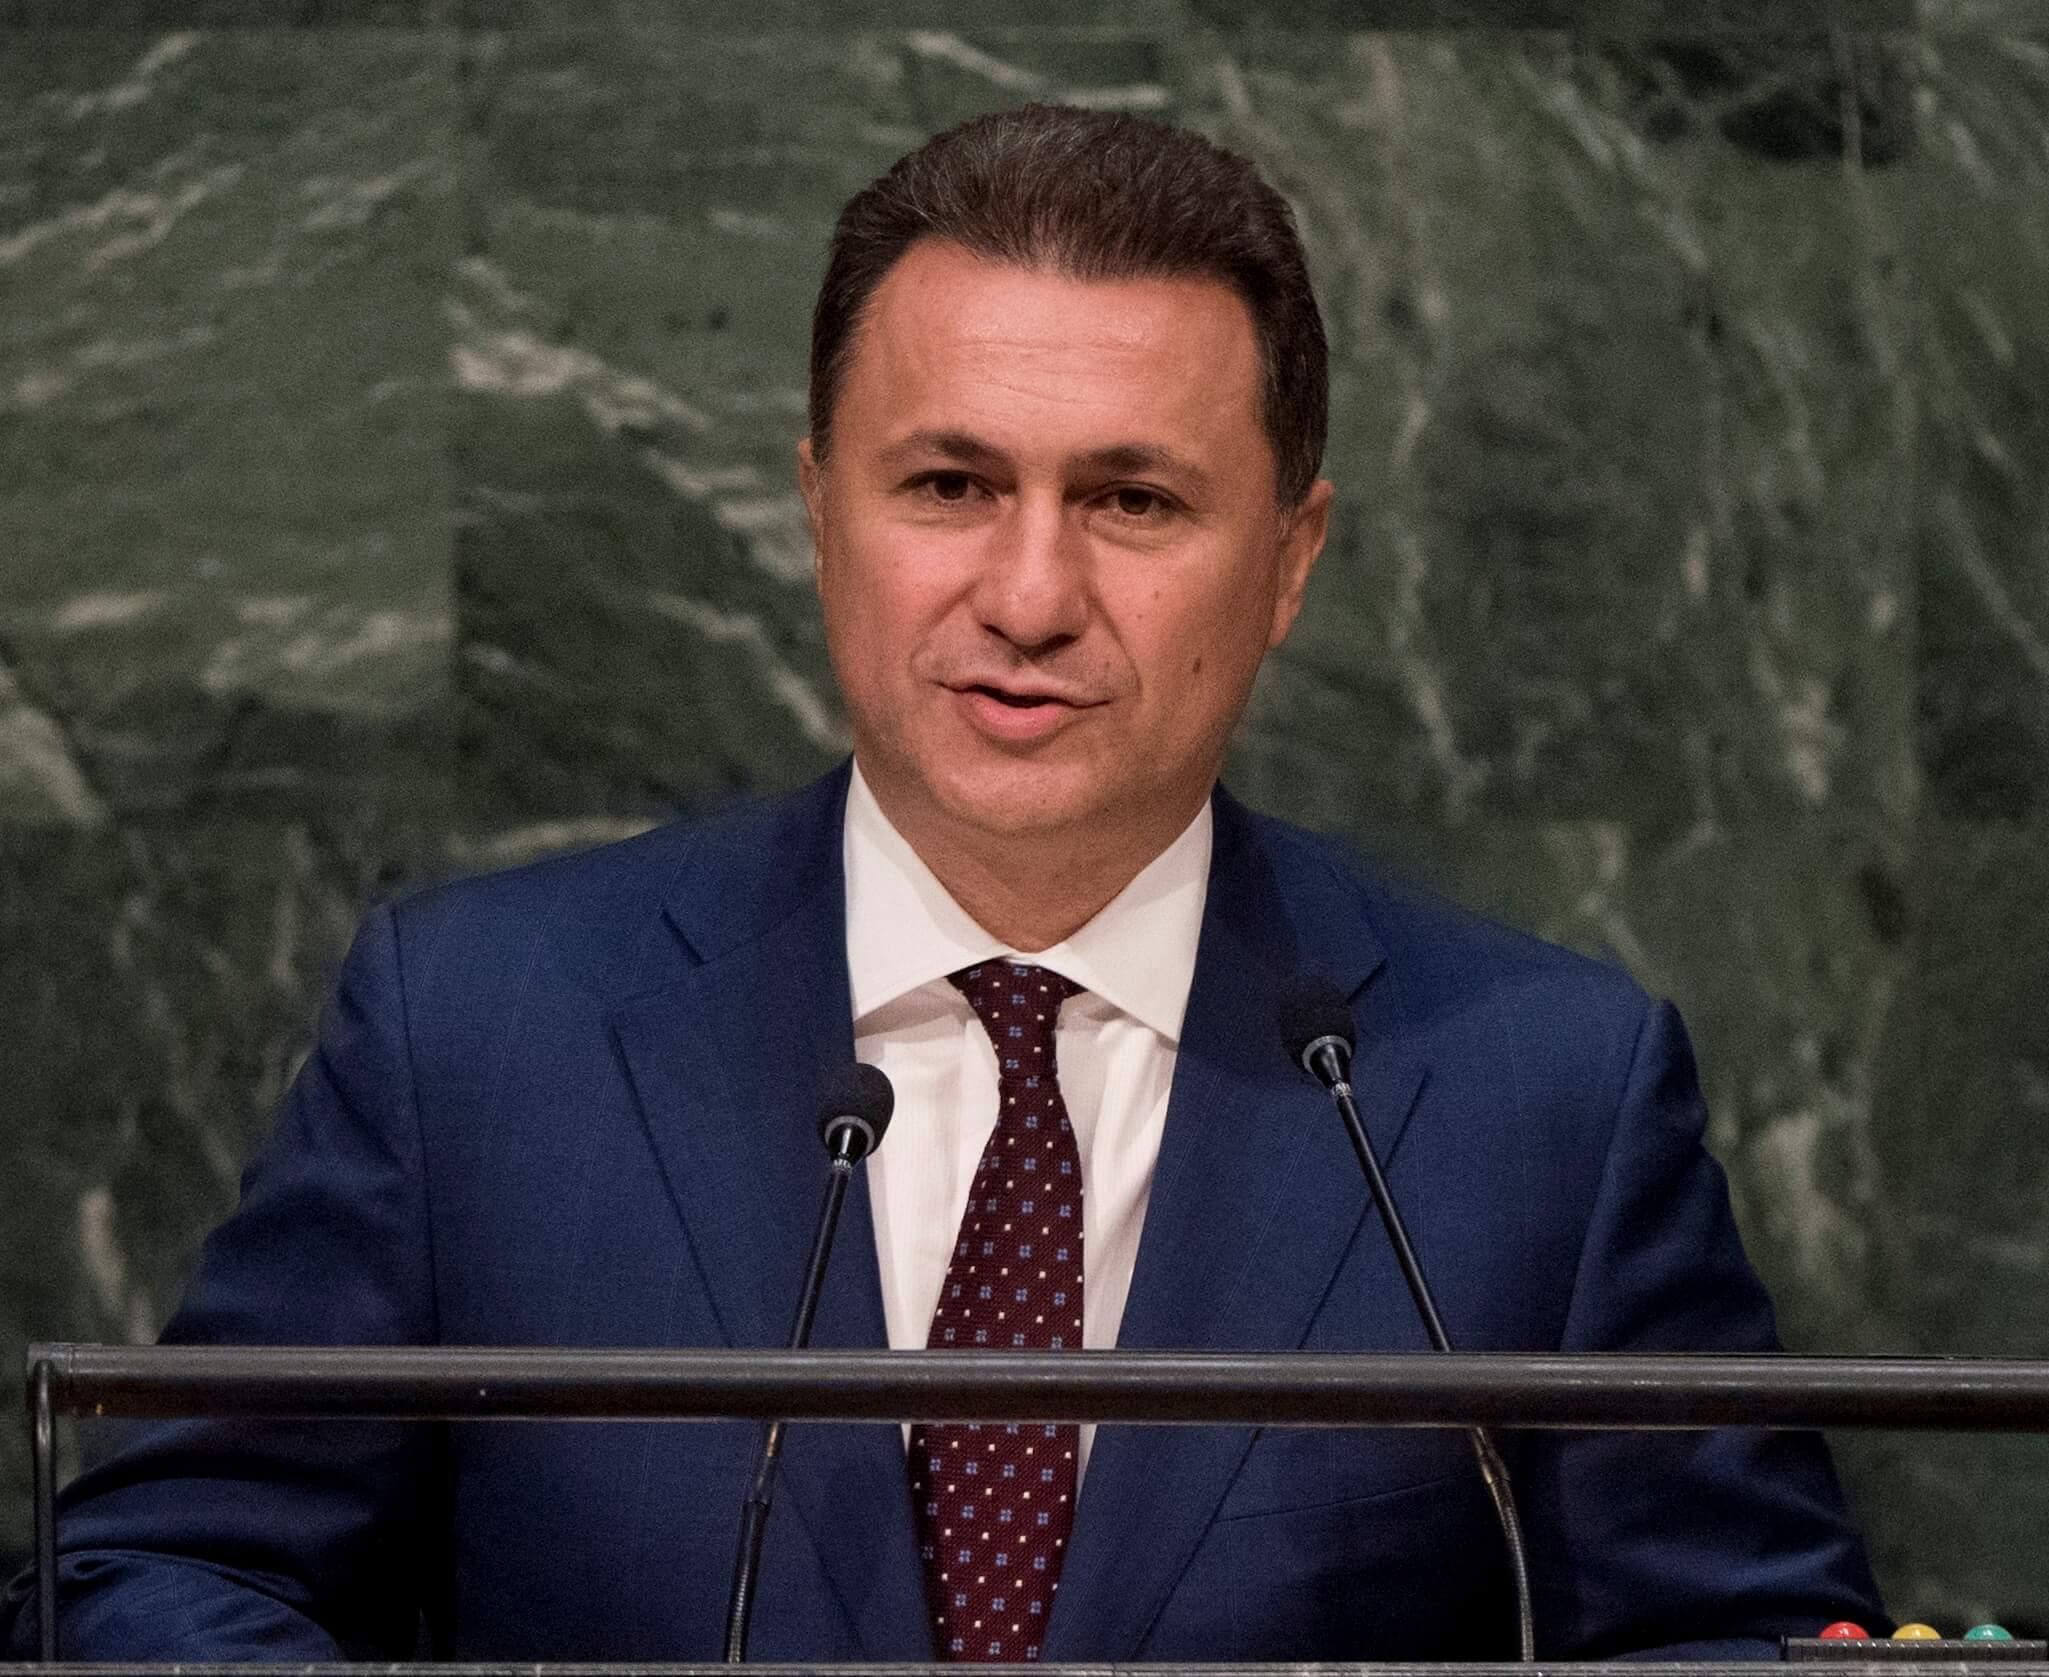 Ουγγαρία: Απορρίφθηκε η έκδοση του Νίκολα Γκρούεφσκι στη Βόρεια Μακεδονία